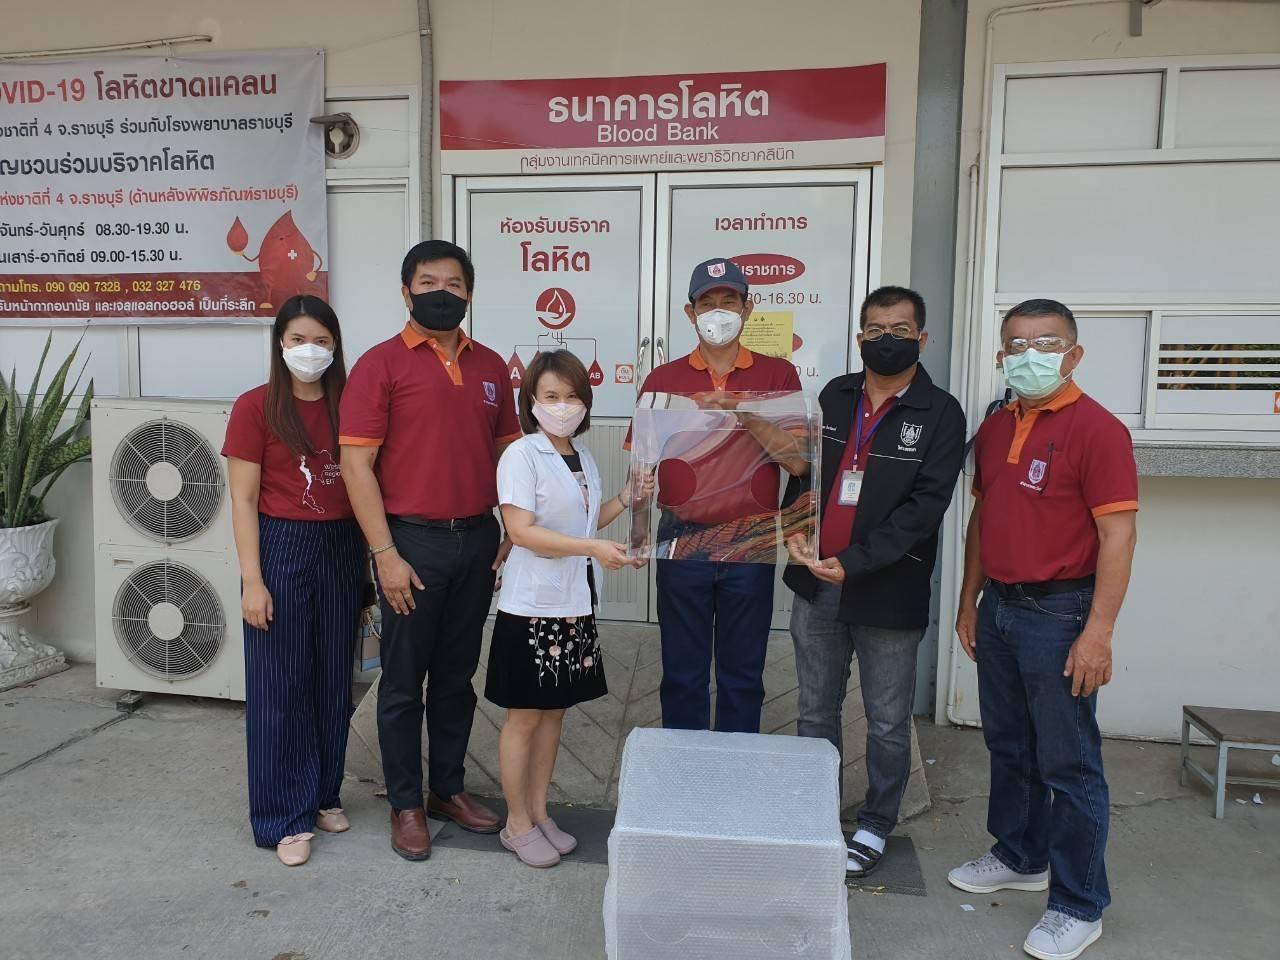 วิศวกรรมสถานแห่งประเทศไทยฯ สาขาภาคตะวันตก นำกล่อง AEROSOL BOX ไปมอบให้กับทีมแพทย์